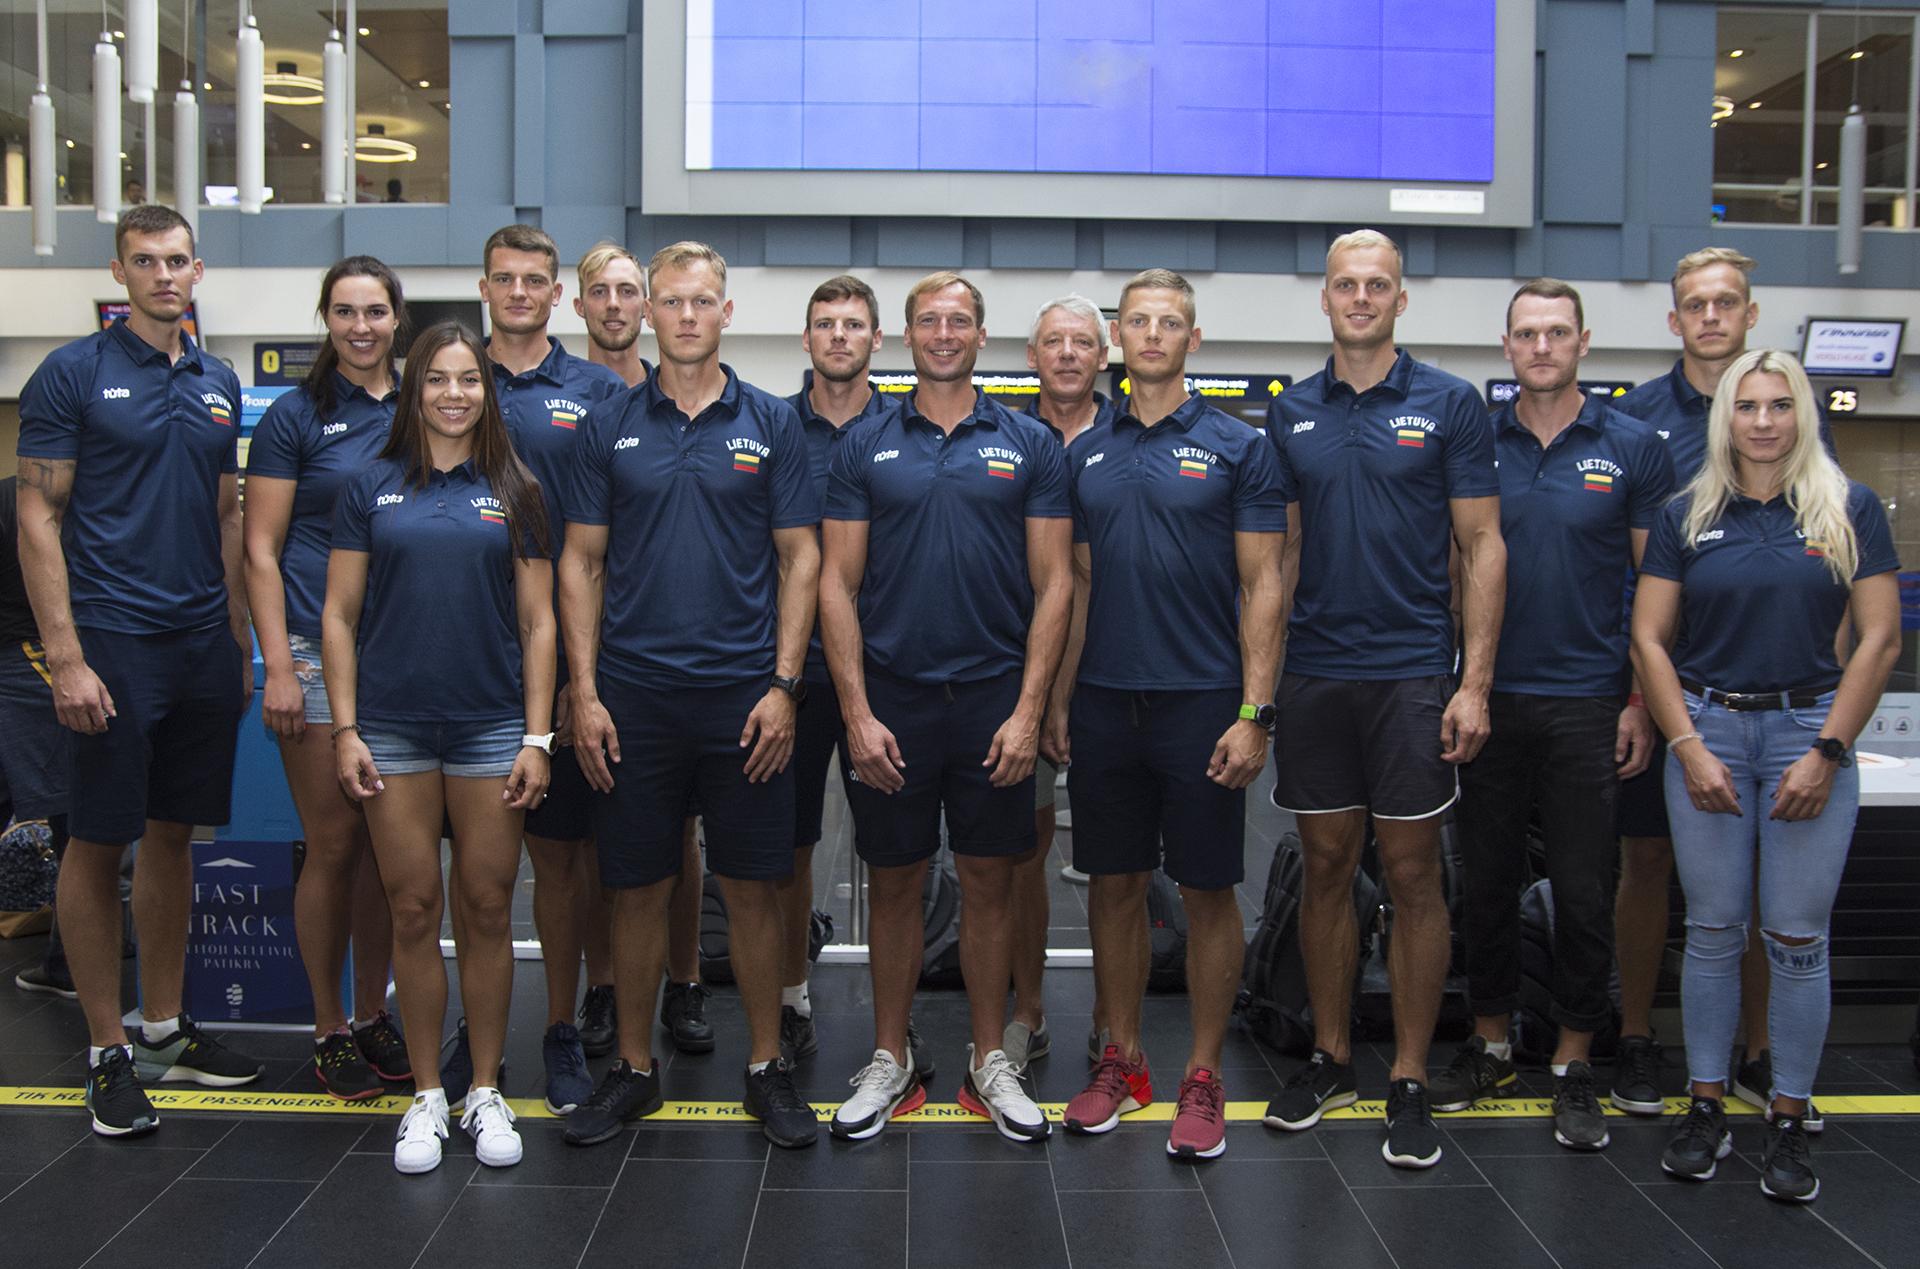 Lietuvos irklavimo rinktinė išvyko į pasaulio čempionatą